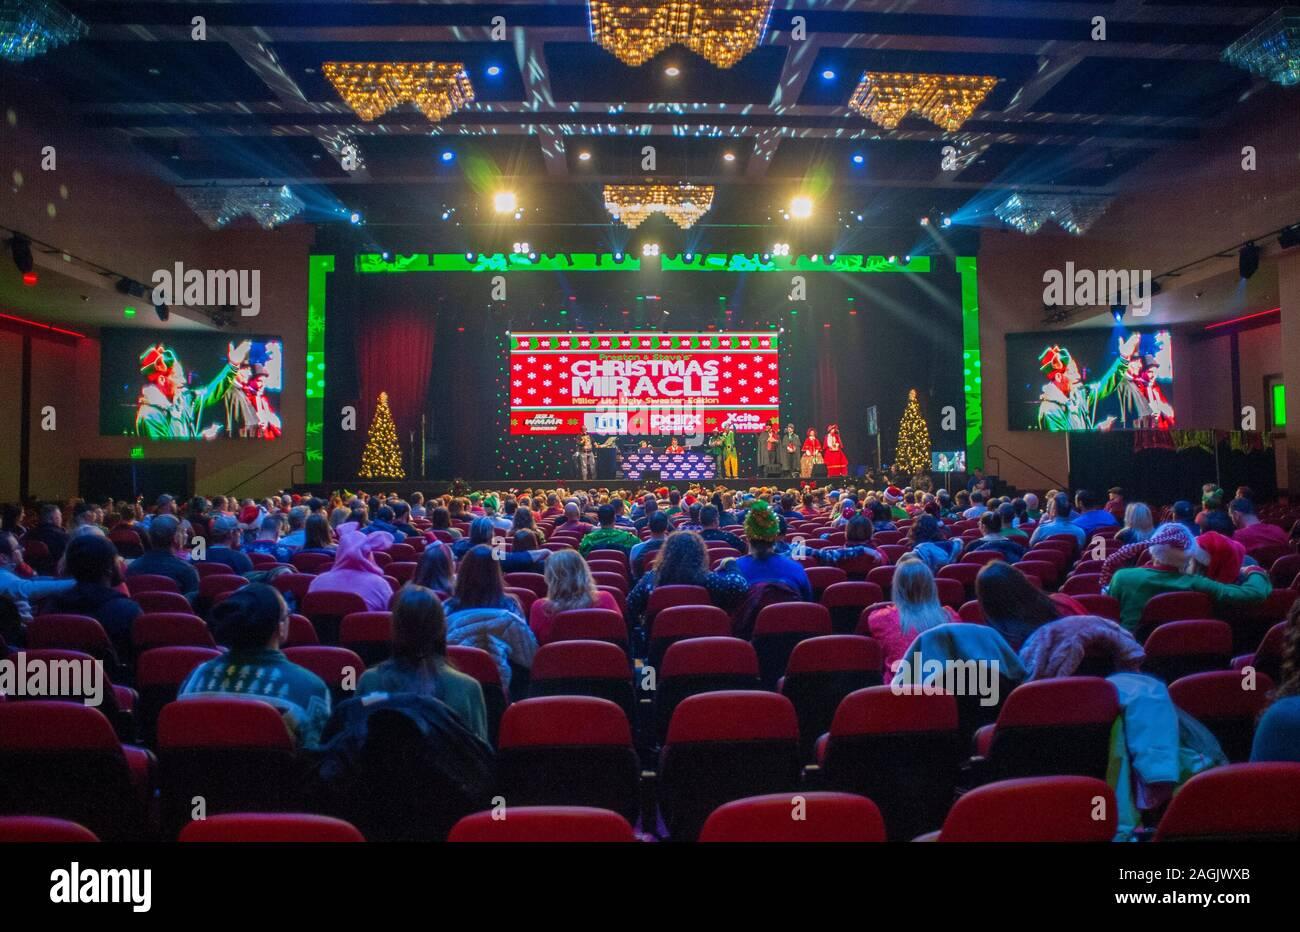 Casino Show Centre:https://www.alamy.com